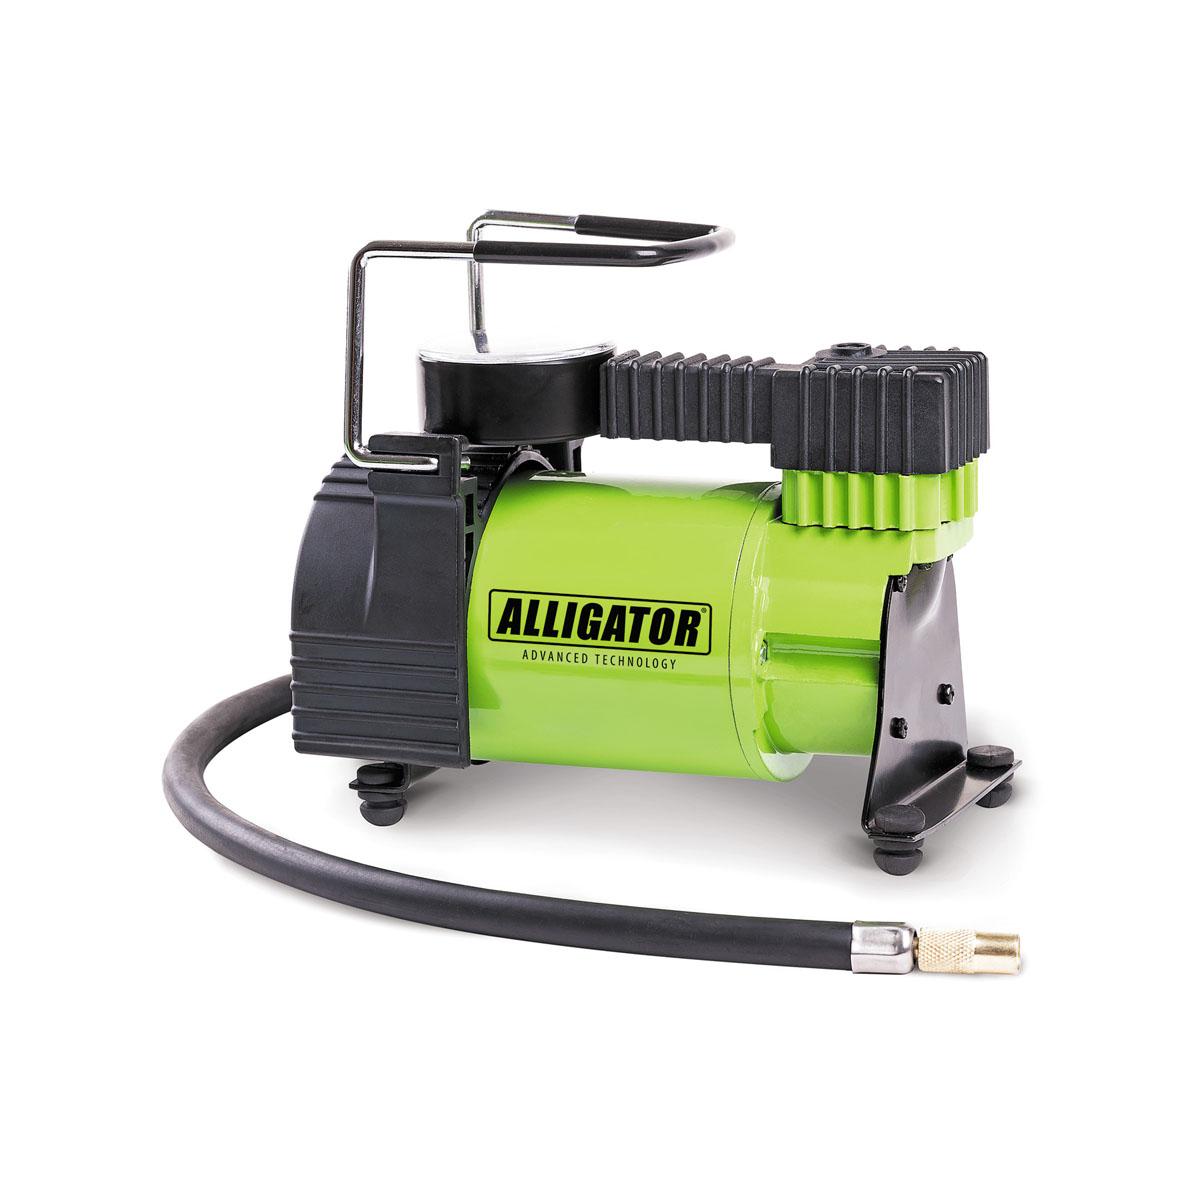 Компрессор автомобильный Автопрофи Аллигатор, 12В, 120 Вт. AL-350AL-350Автомобильный компрессор Автопрофи Аллигатор выполнен из высококачественного металла. В комплекте переходники для накачки надувных изделий. Питание осуществляется от бортовой сети 12В. Компрессор может непрерывно работать в течение 20 минут. В комплекте сумка для удобной переноски и хранения. Напряжение: 12В. Мощность: 120 Вт. Производительность: 30 л/мин. Максимальное давление 10 АТМ. Длина кабеля питания: 3 м. Длина шланга: 70 см. Время непрерывной работы: 20 минут. Диаметр поршня: 30 мм. Рабочая температура: от -20°С до +50°С. Максимальный ток: 14 А.